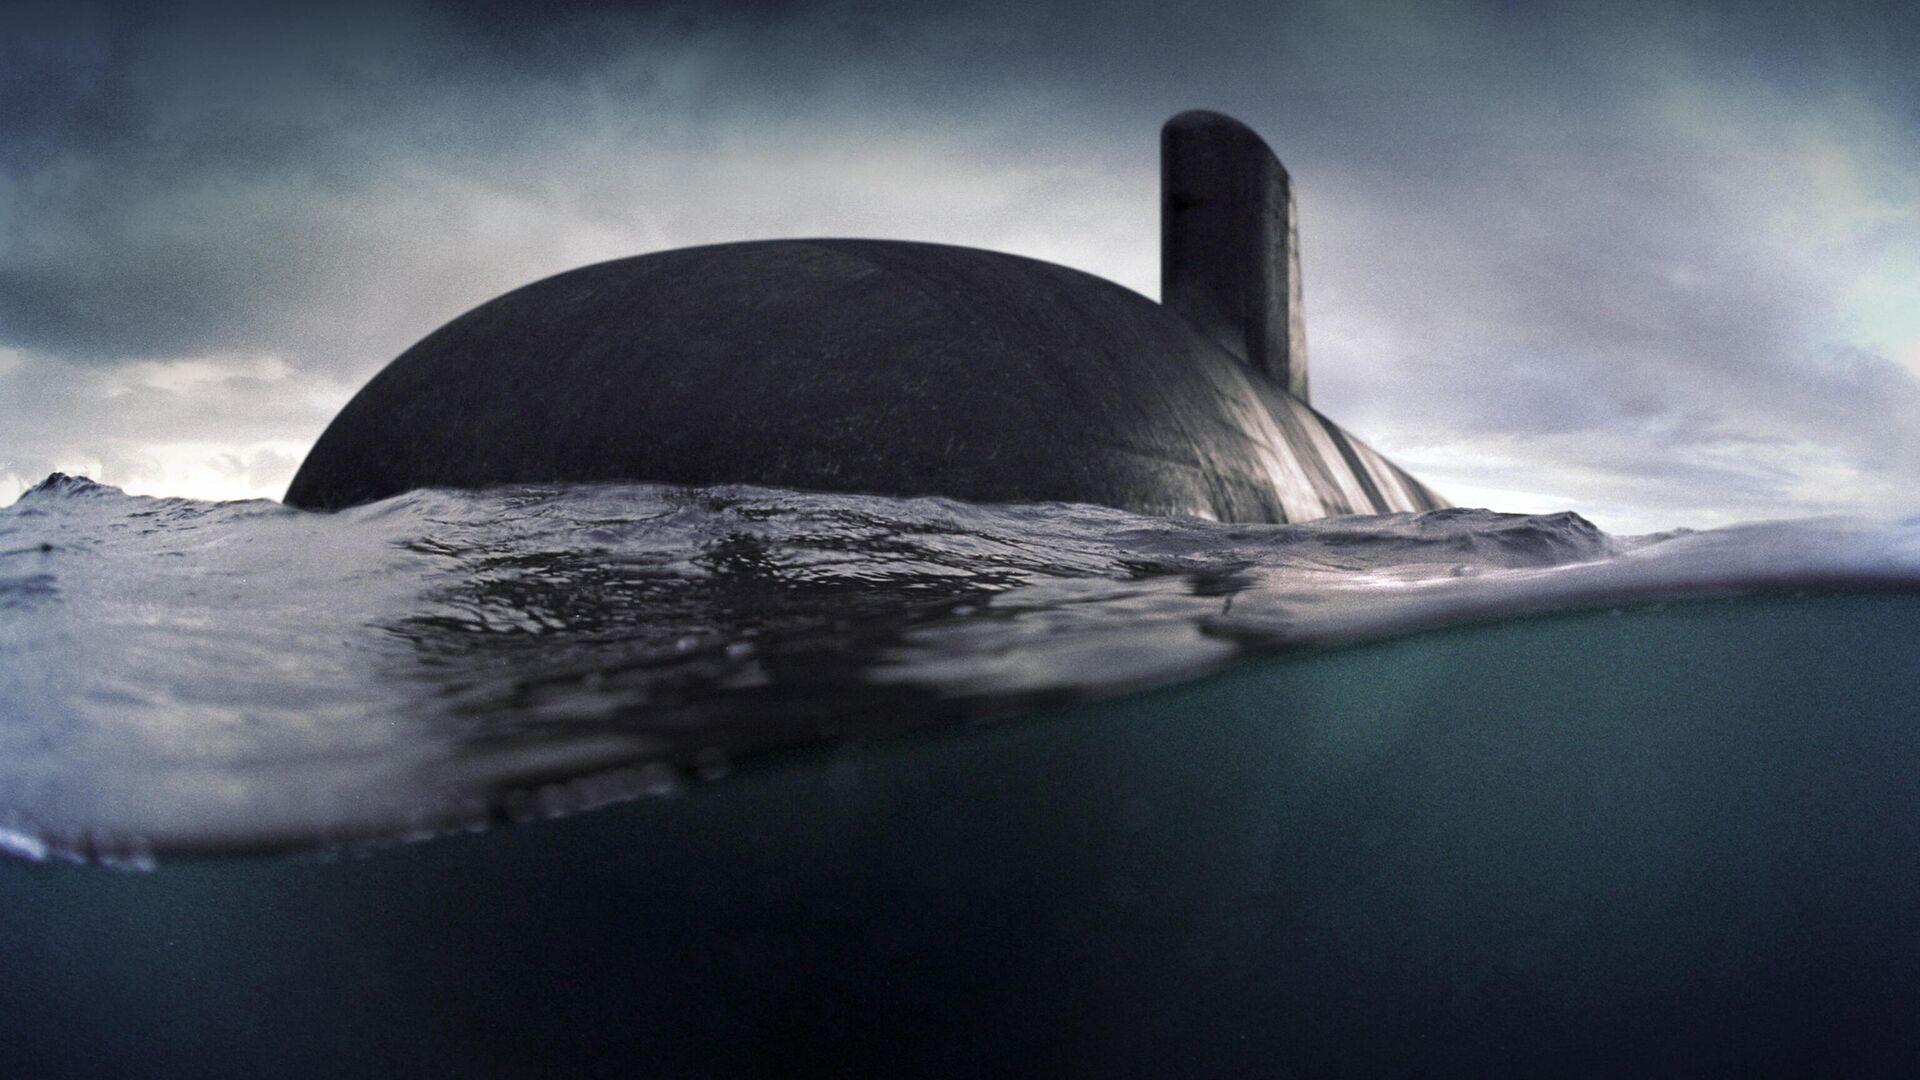 Компьютерная модель подводной лодки, разработанная французской Naval Group для австралийского флота - РИА Новости, 1920, 16.09.2021